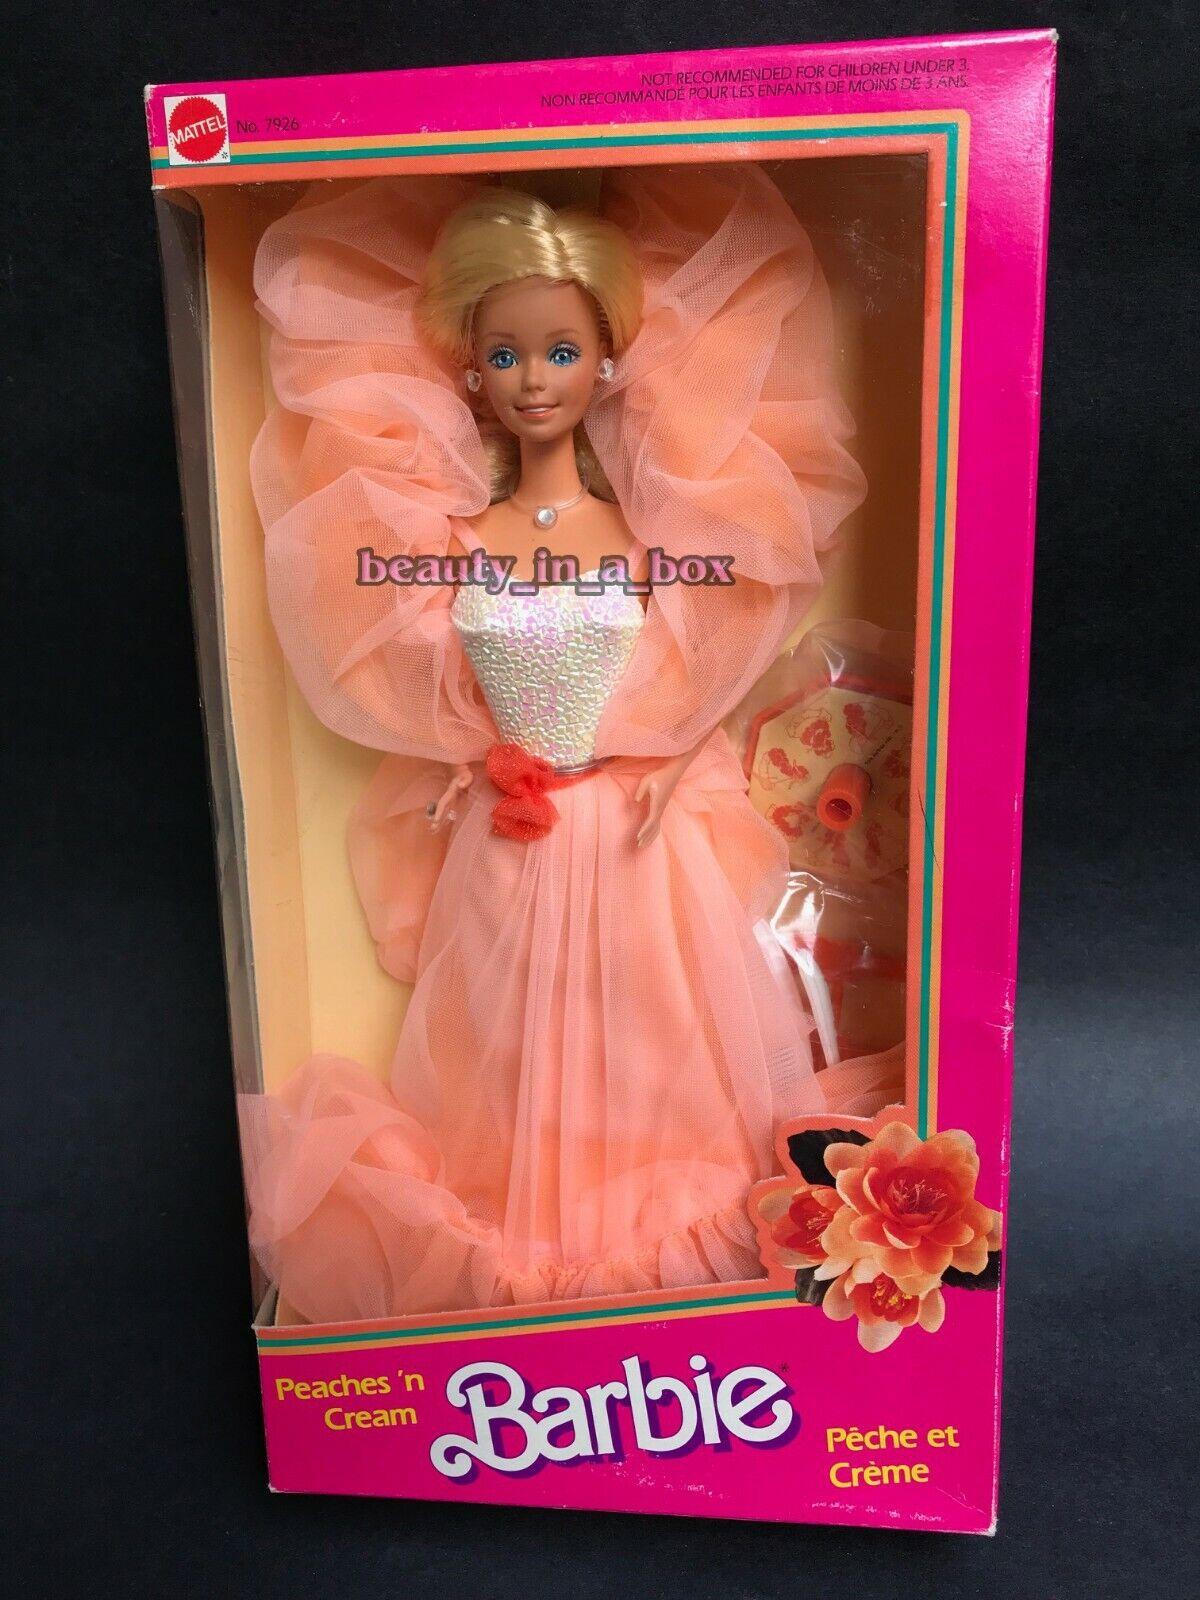 Peaches 'n Cream Muñeca Barbie 1984 Classic n y Caja de Exteriores  Peche et Creme